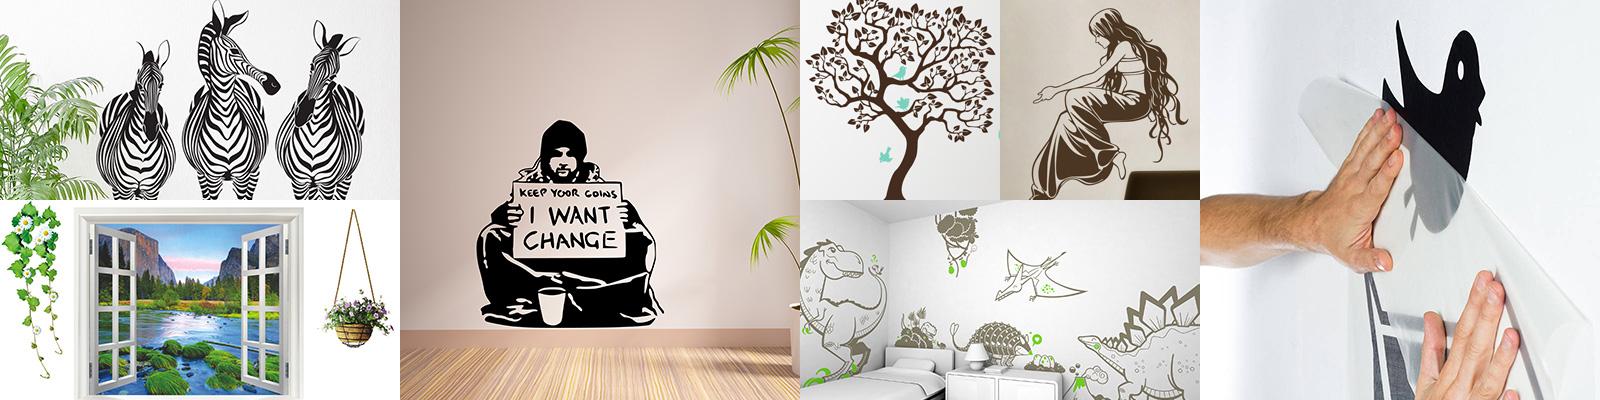 DALI - zidne dekoracije